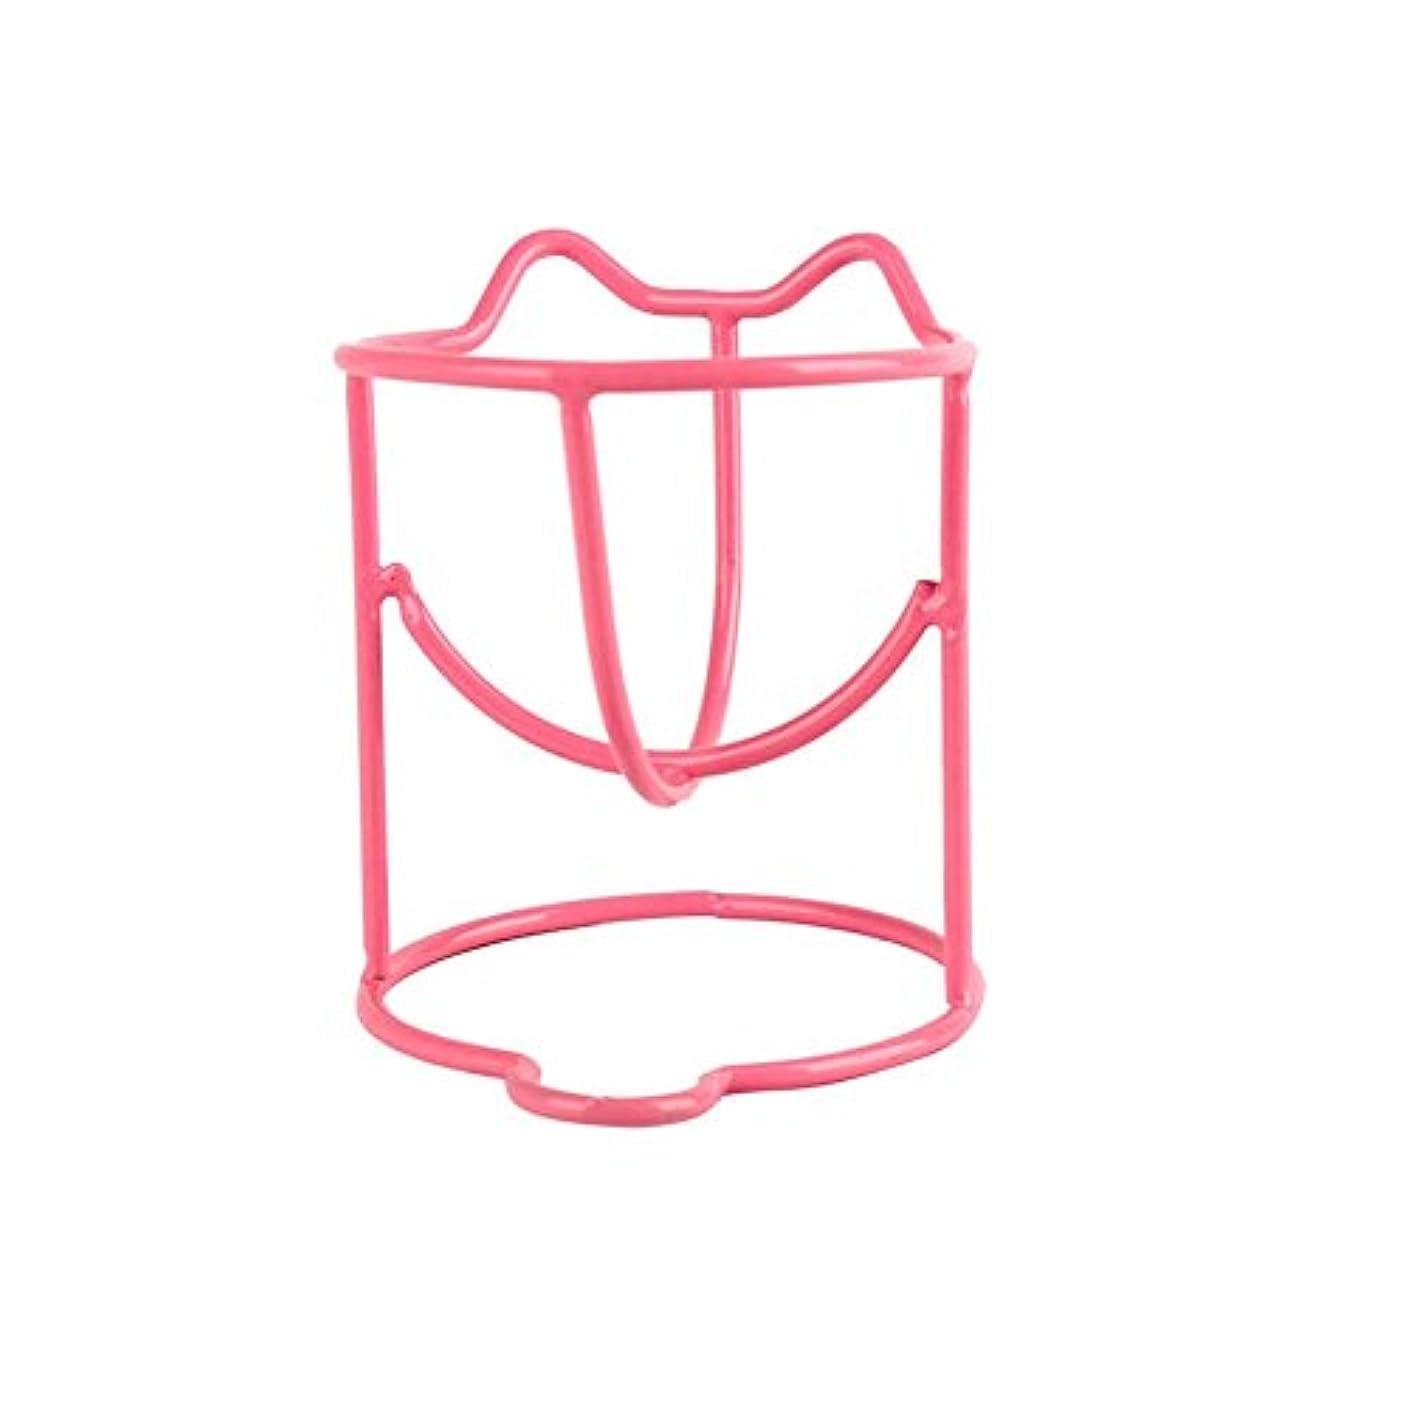 政治責め未接続ファッションメイク卵パウダーパフスポンジディスプレイスタンド乾燥ホルダーラックのセット